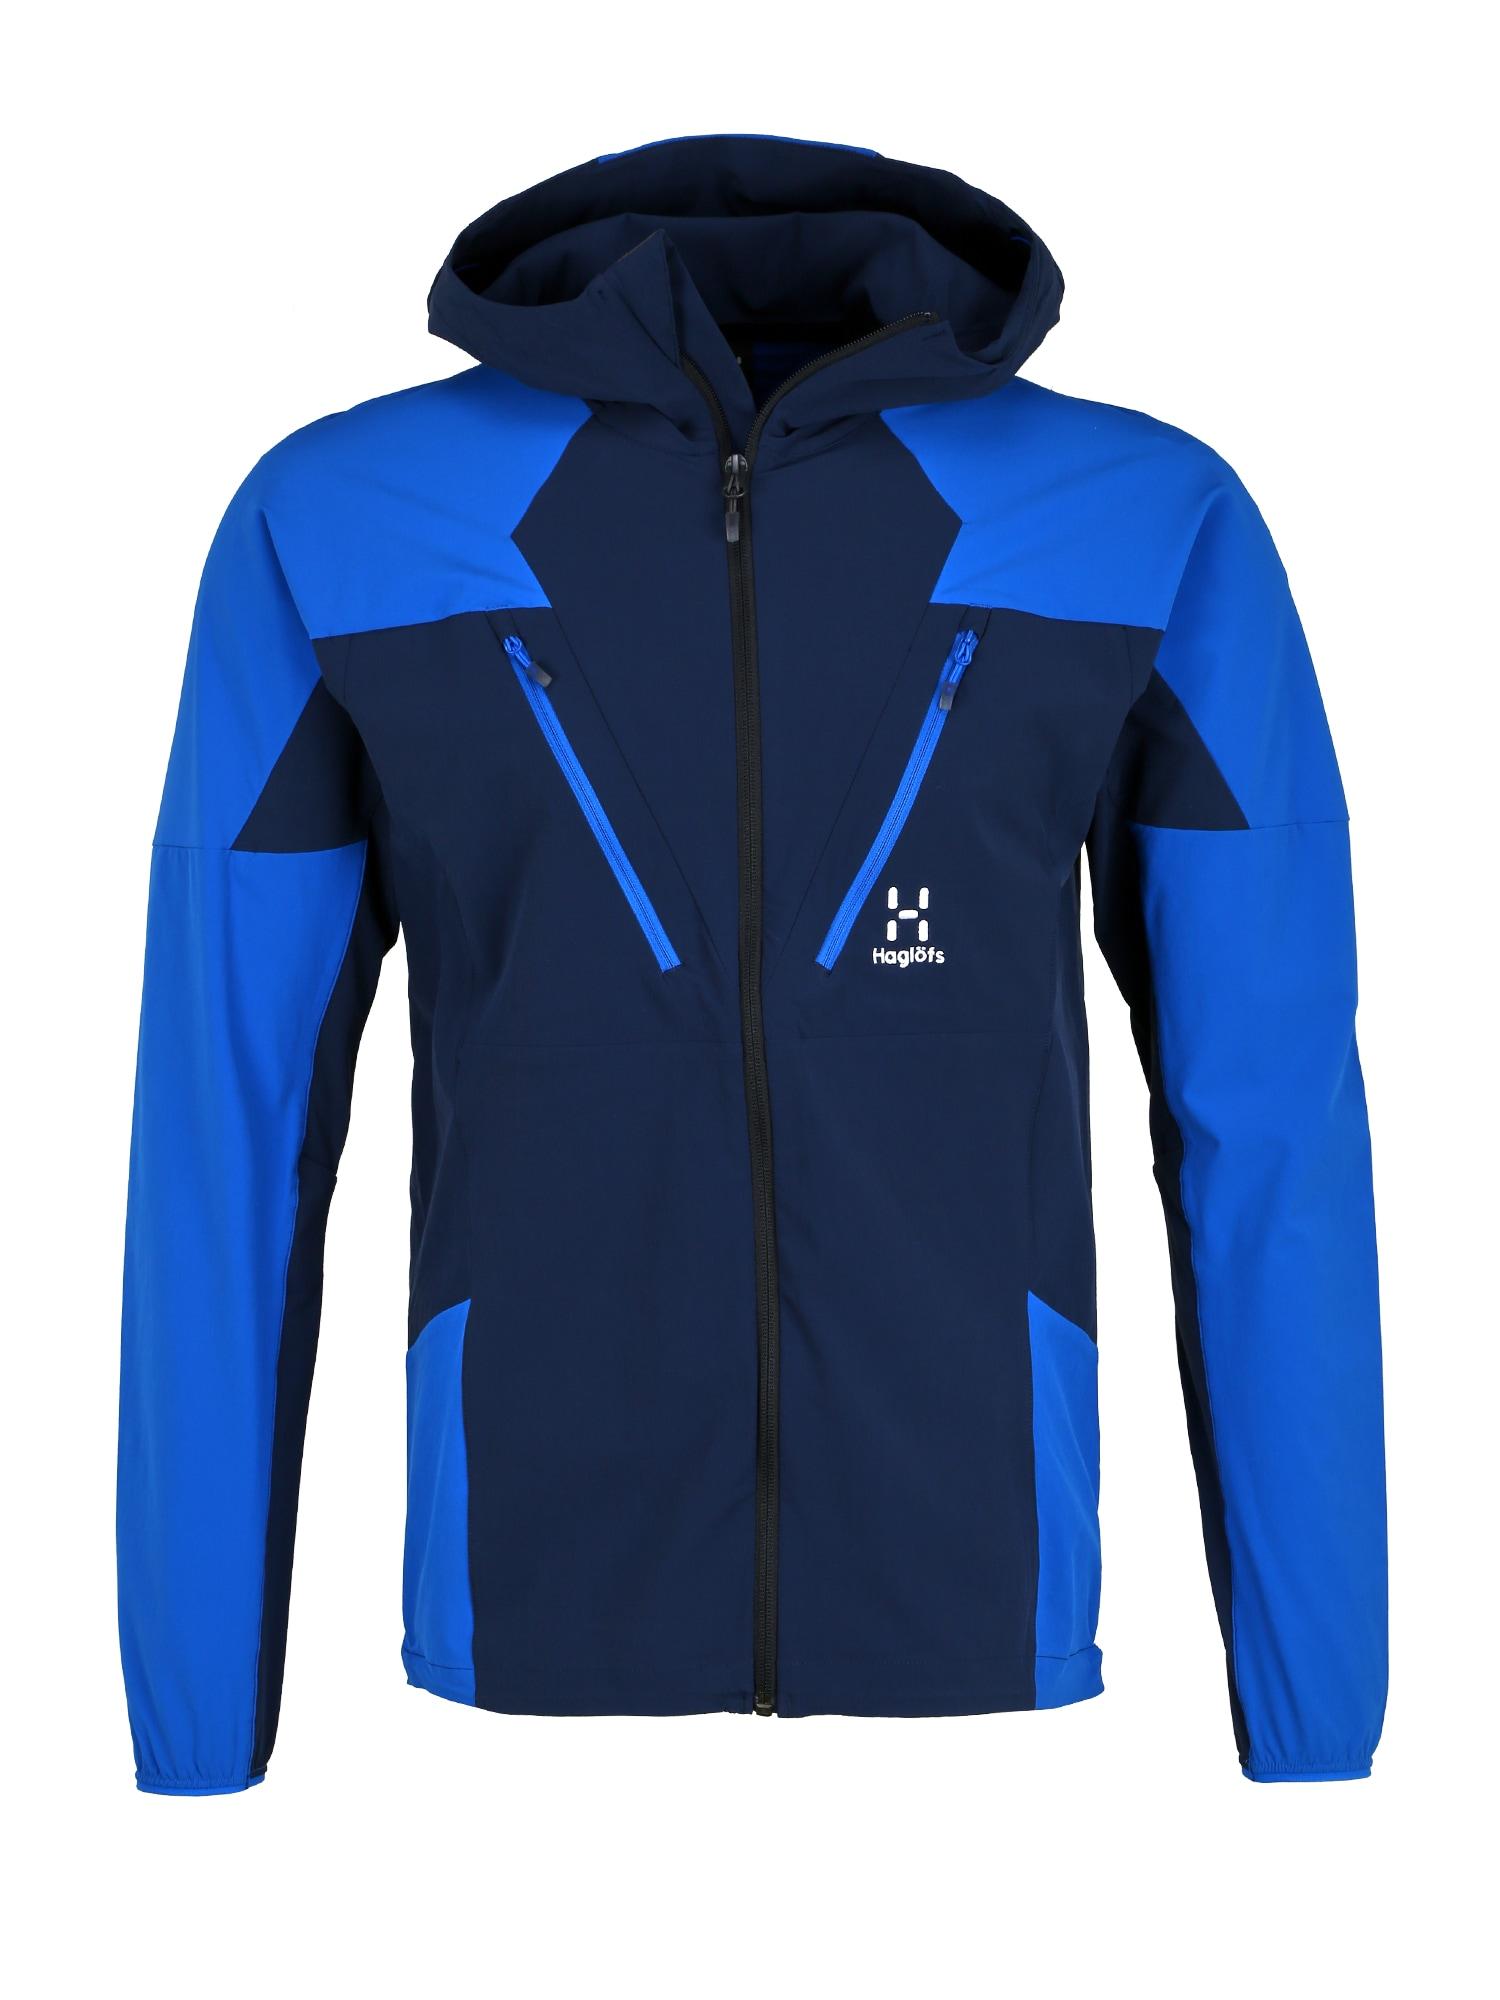 Haglöfs Sportinė striukė 'Tegus' tamsiai mėlyna / mėlyna